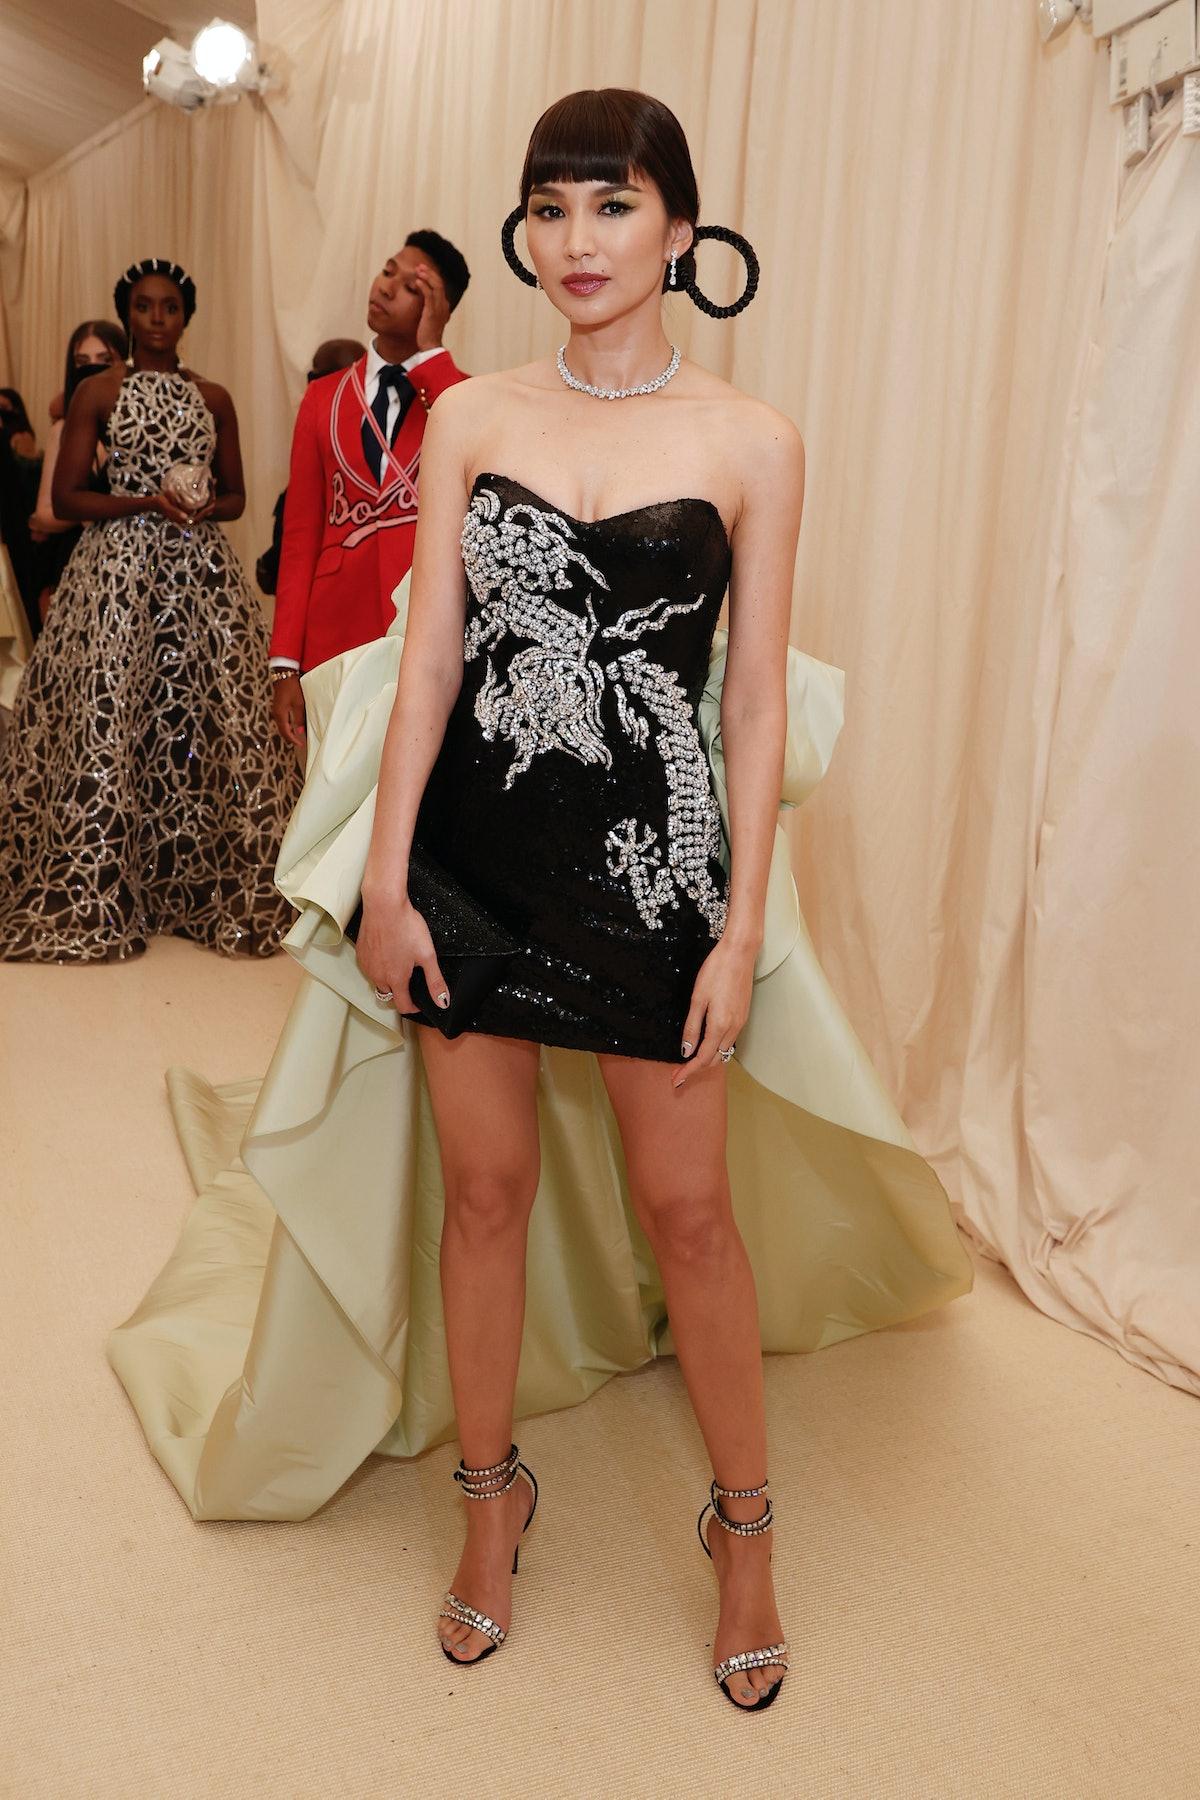 جما چان در The Met 2021 Celebrating In America: A Lexicon of Fashion در Metropolitan Mu شرکت کرد ...